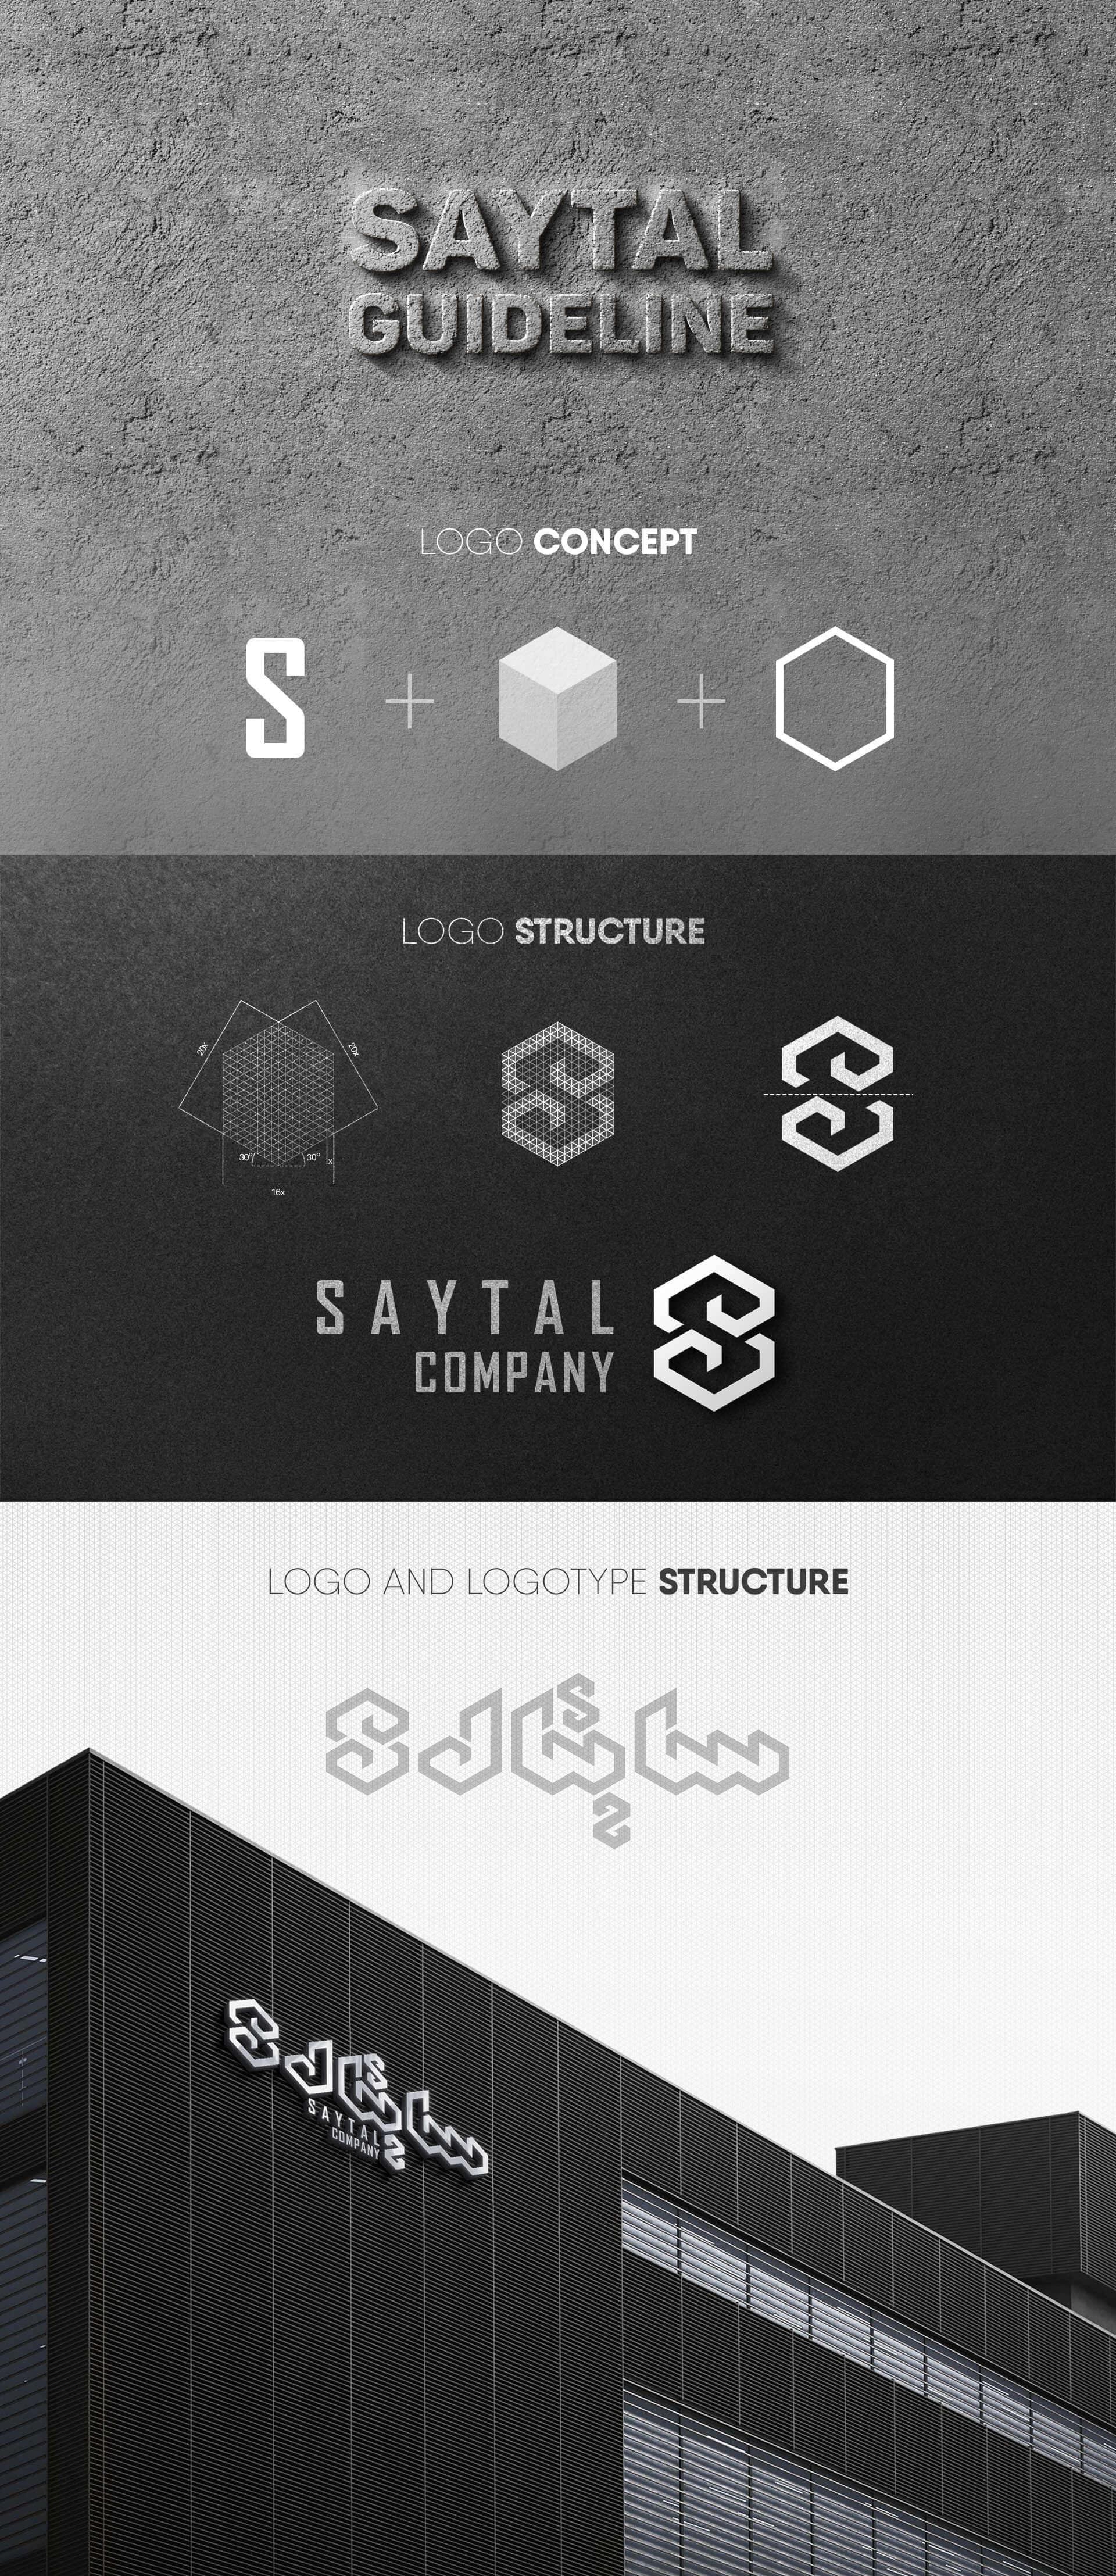 هویت بصری شرکت سایتال ساخت ، هویت بصری، طراحی لوگو، طراحی لوگوتایپ، طراحی ست اداری، طراحی اوراق اداری، شرکت تبلیغاتی الف، طراحی هویت بصری